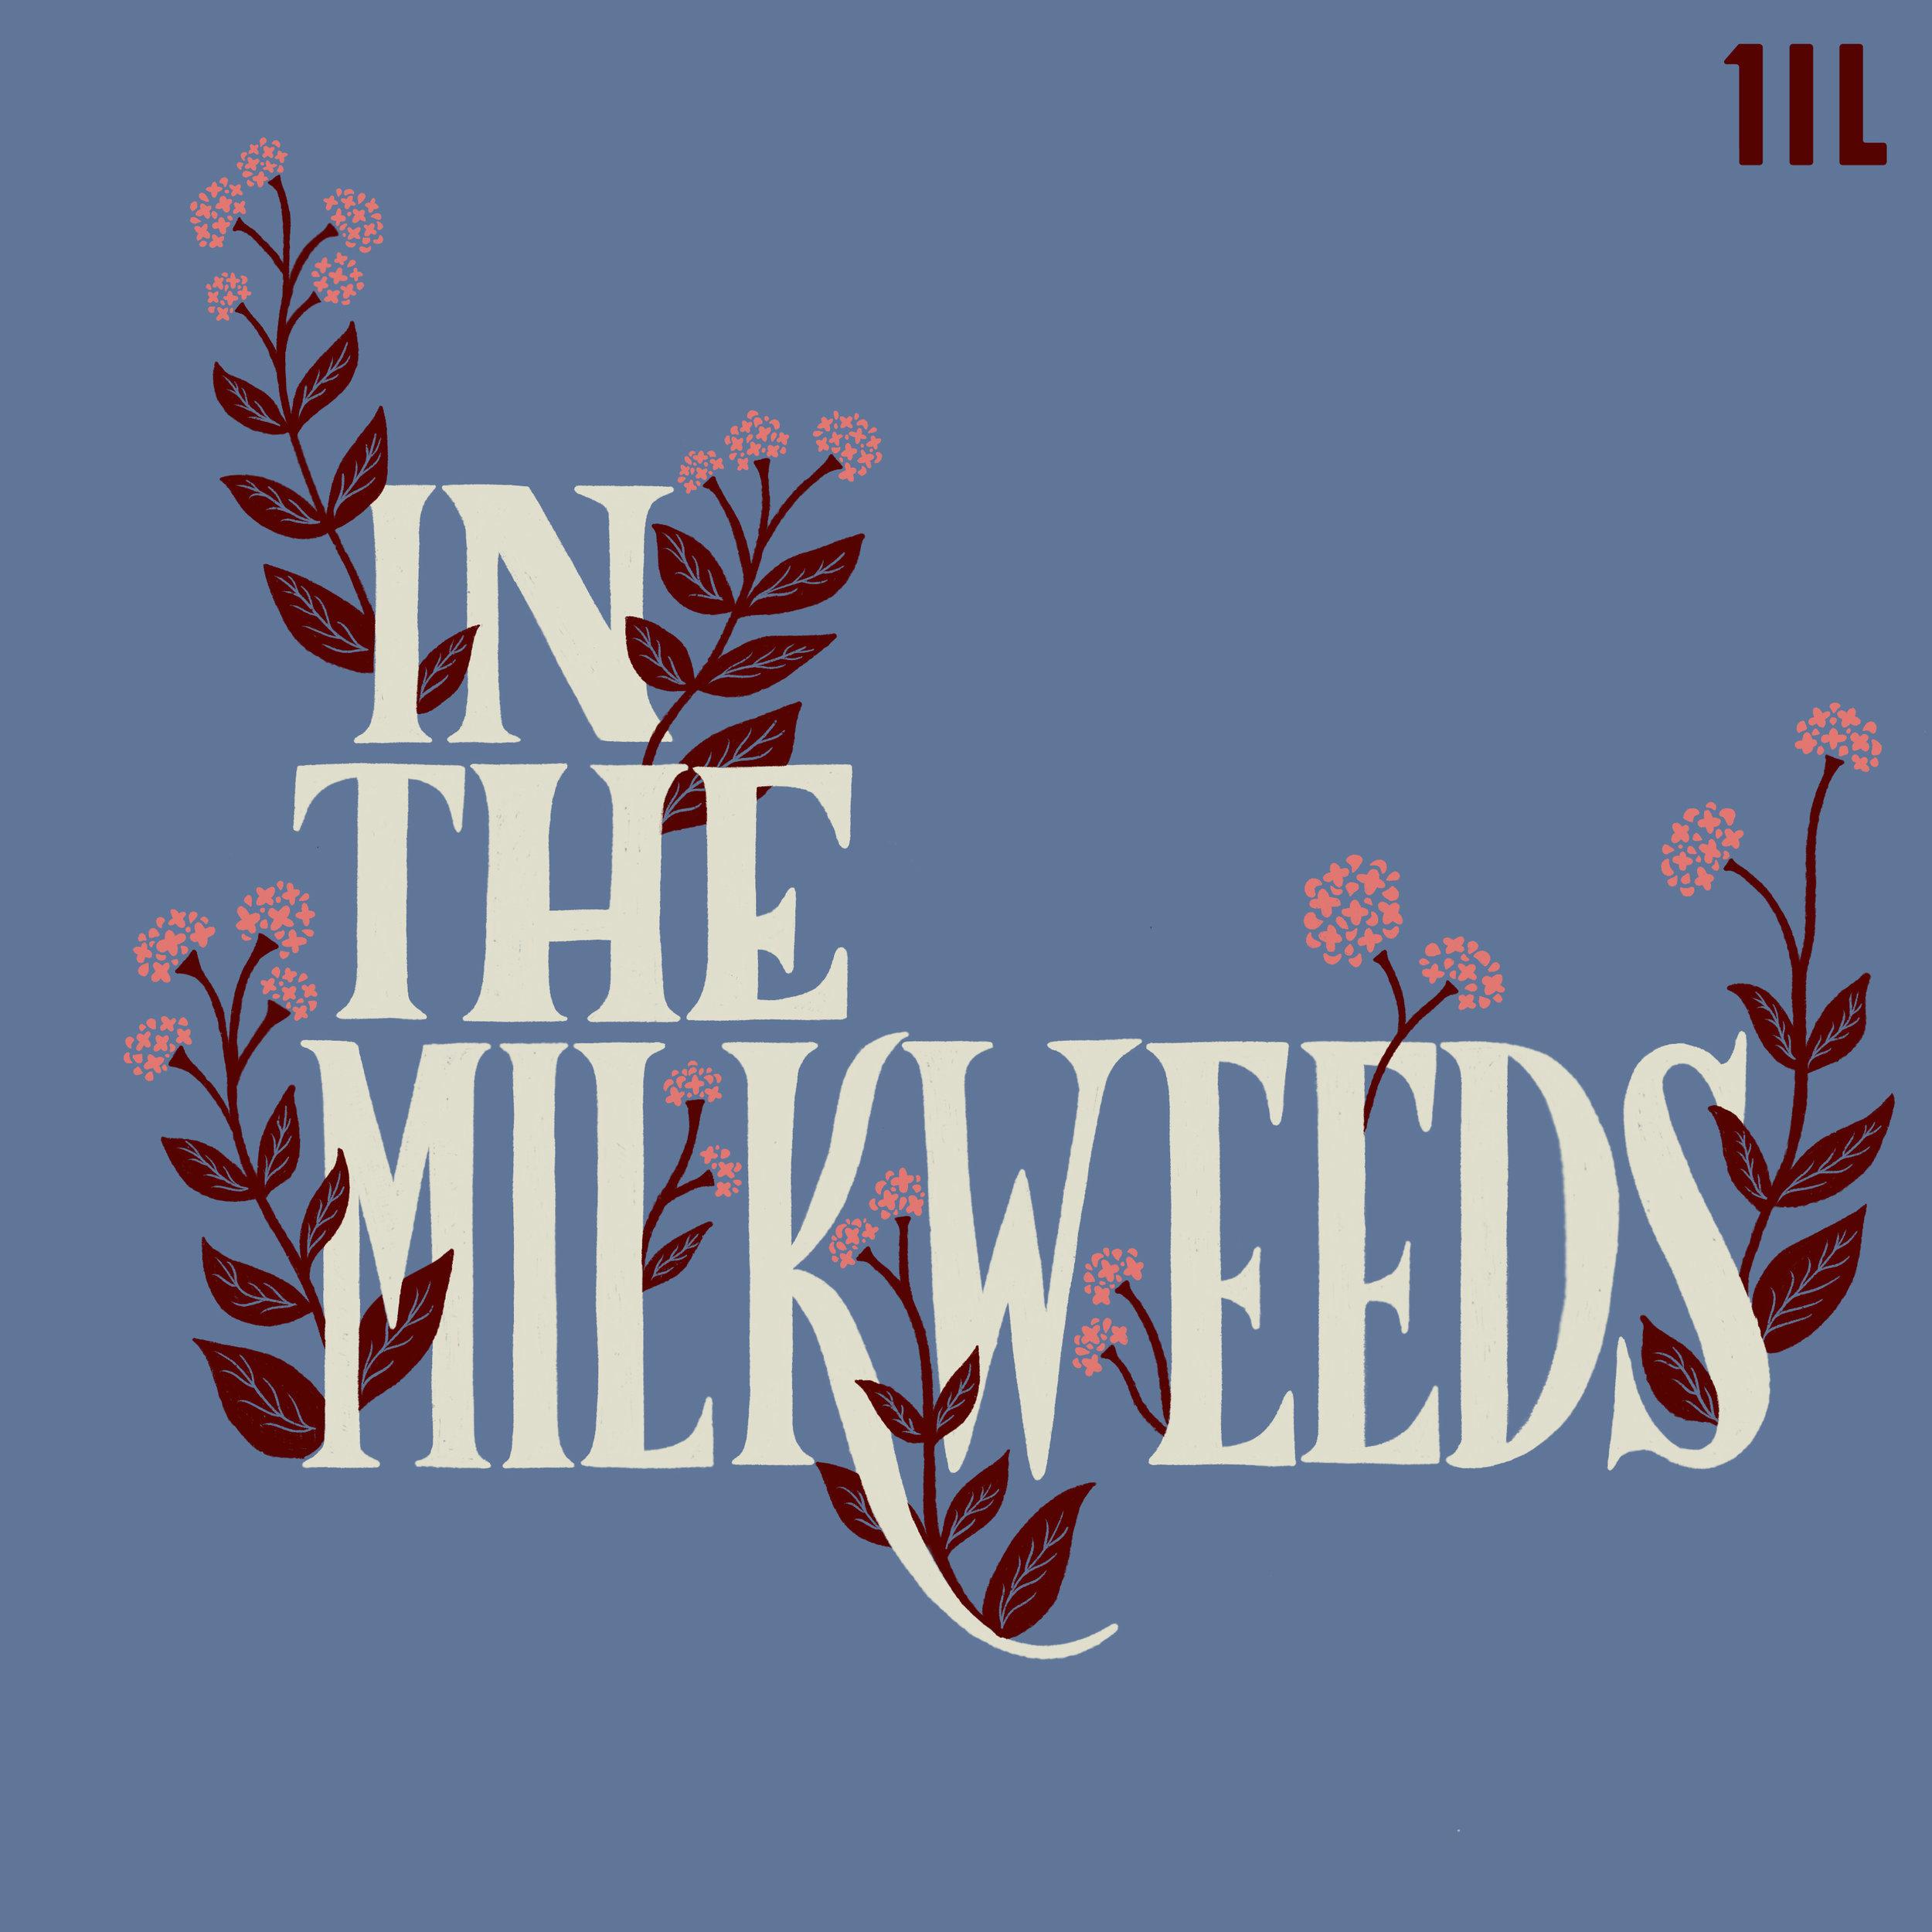 milkweeds_final.jpg